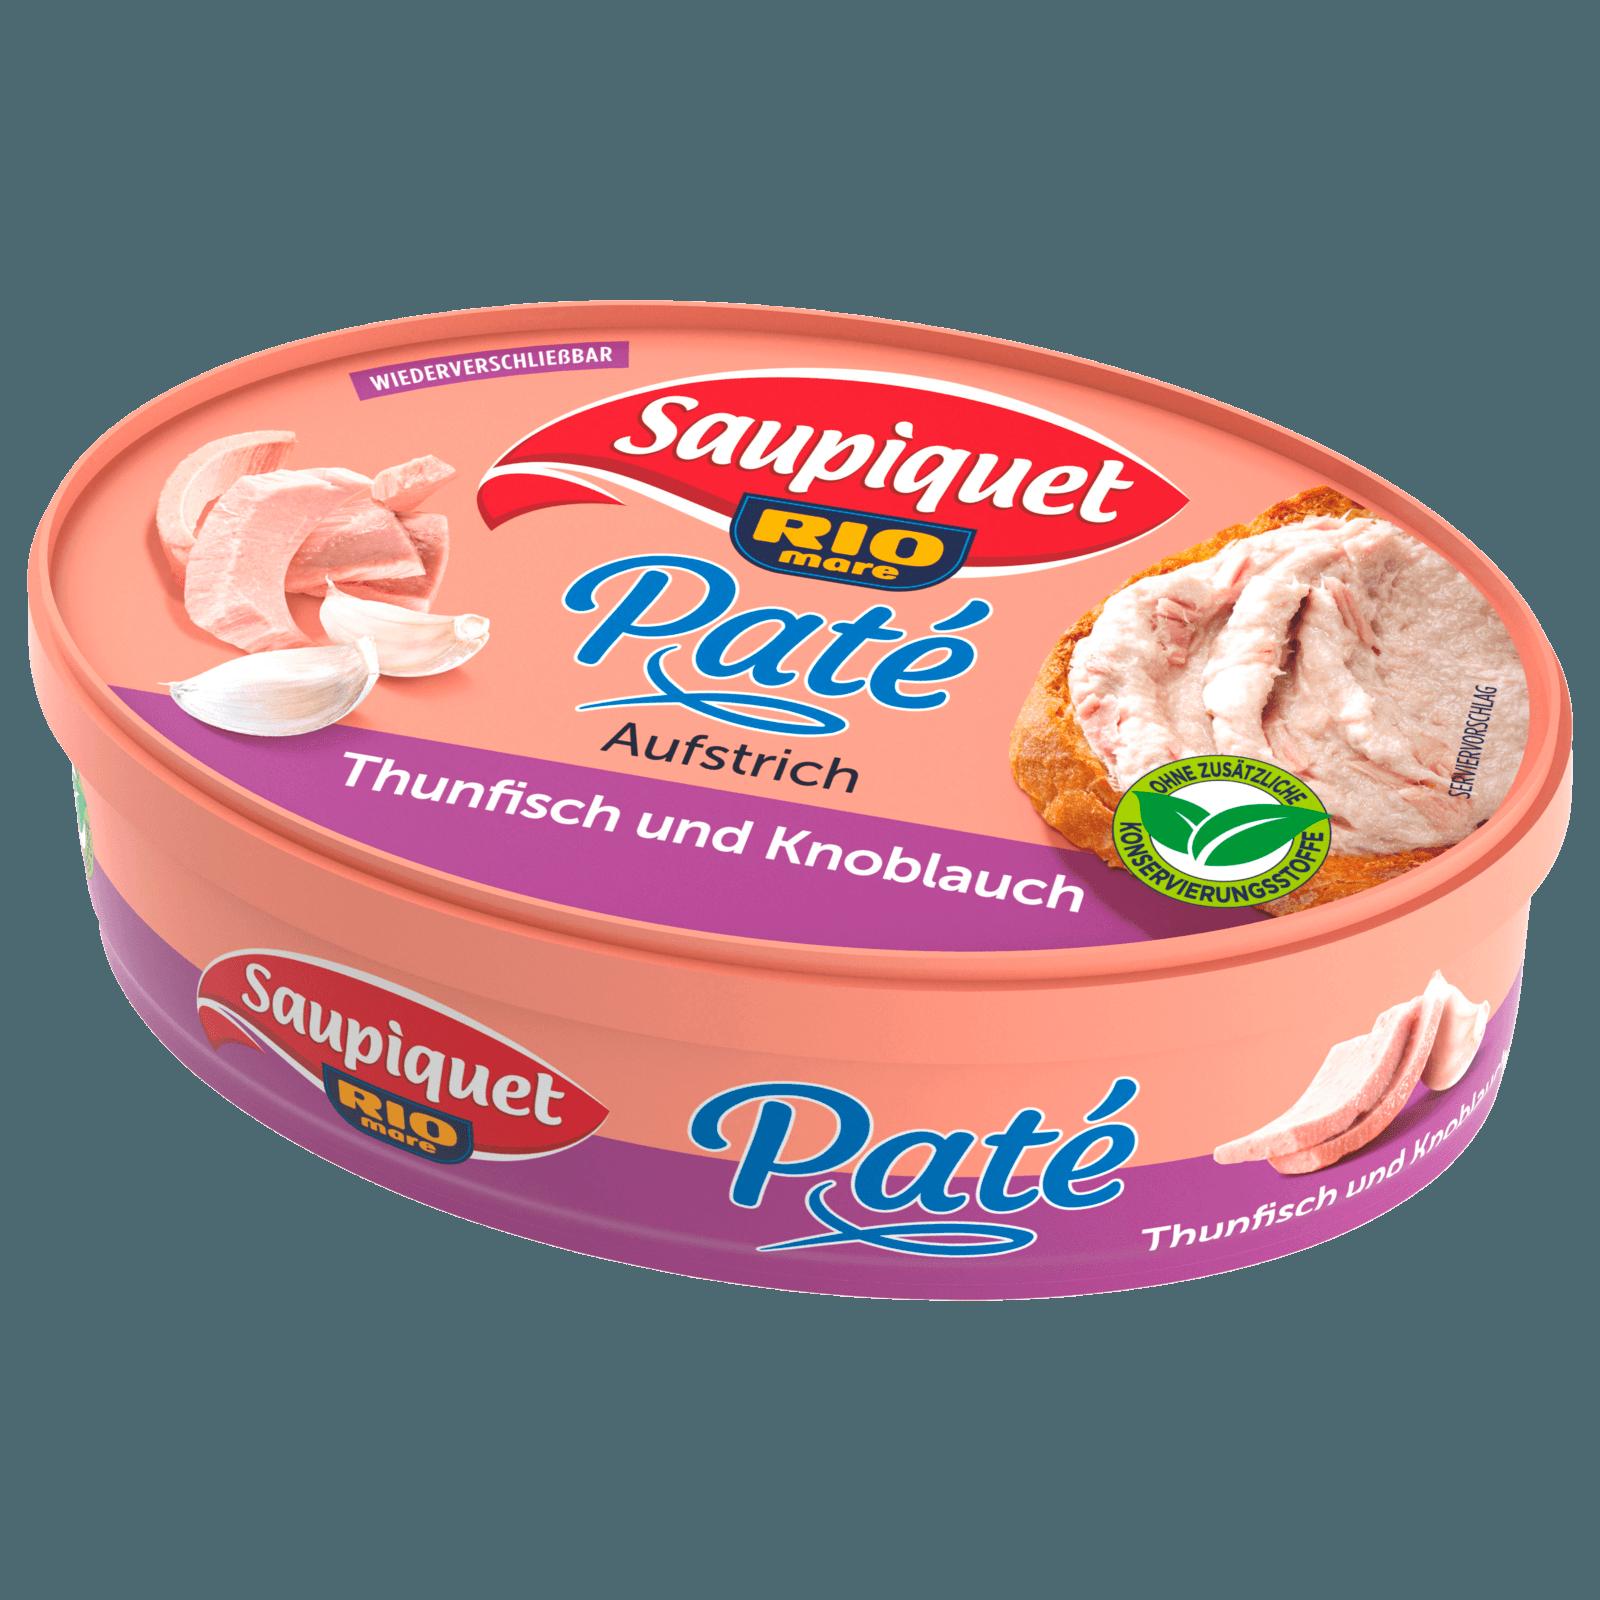 Saupiquet Thunfisch Brotaufstrich mit Knoblauch 115g